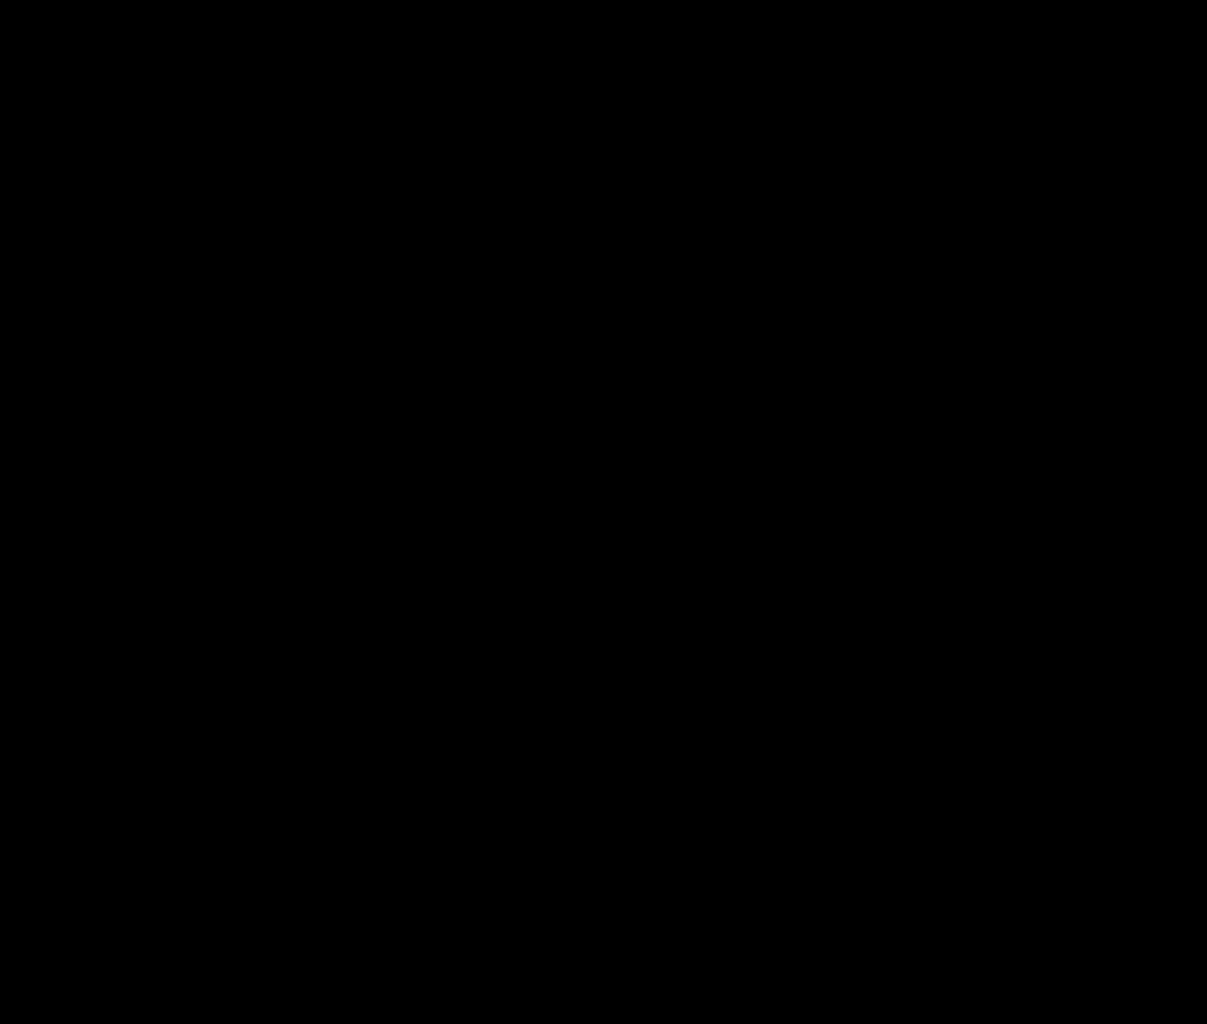 File:Latin small letter AV.svg.